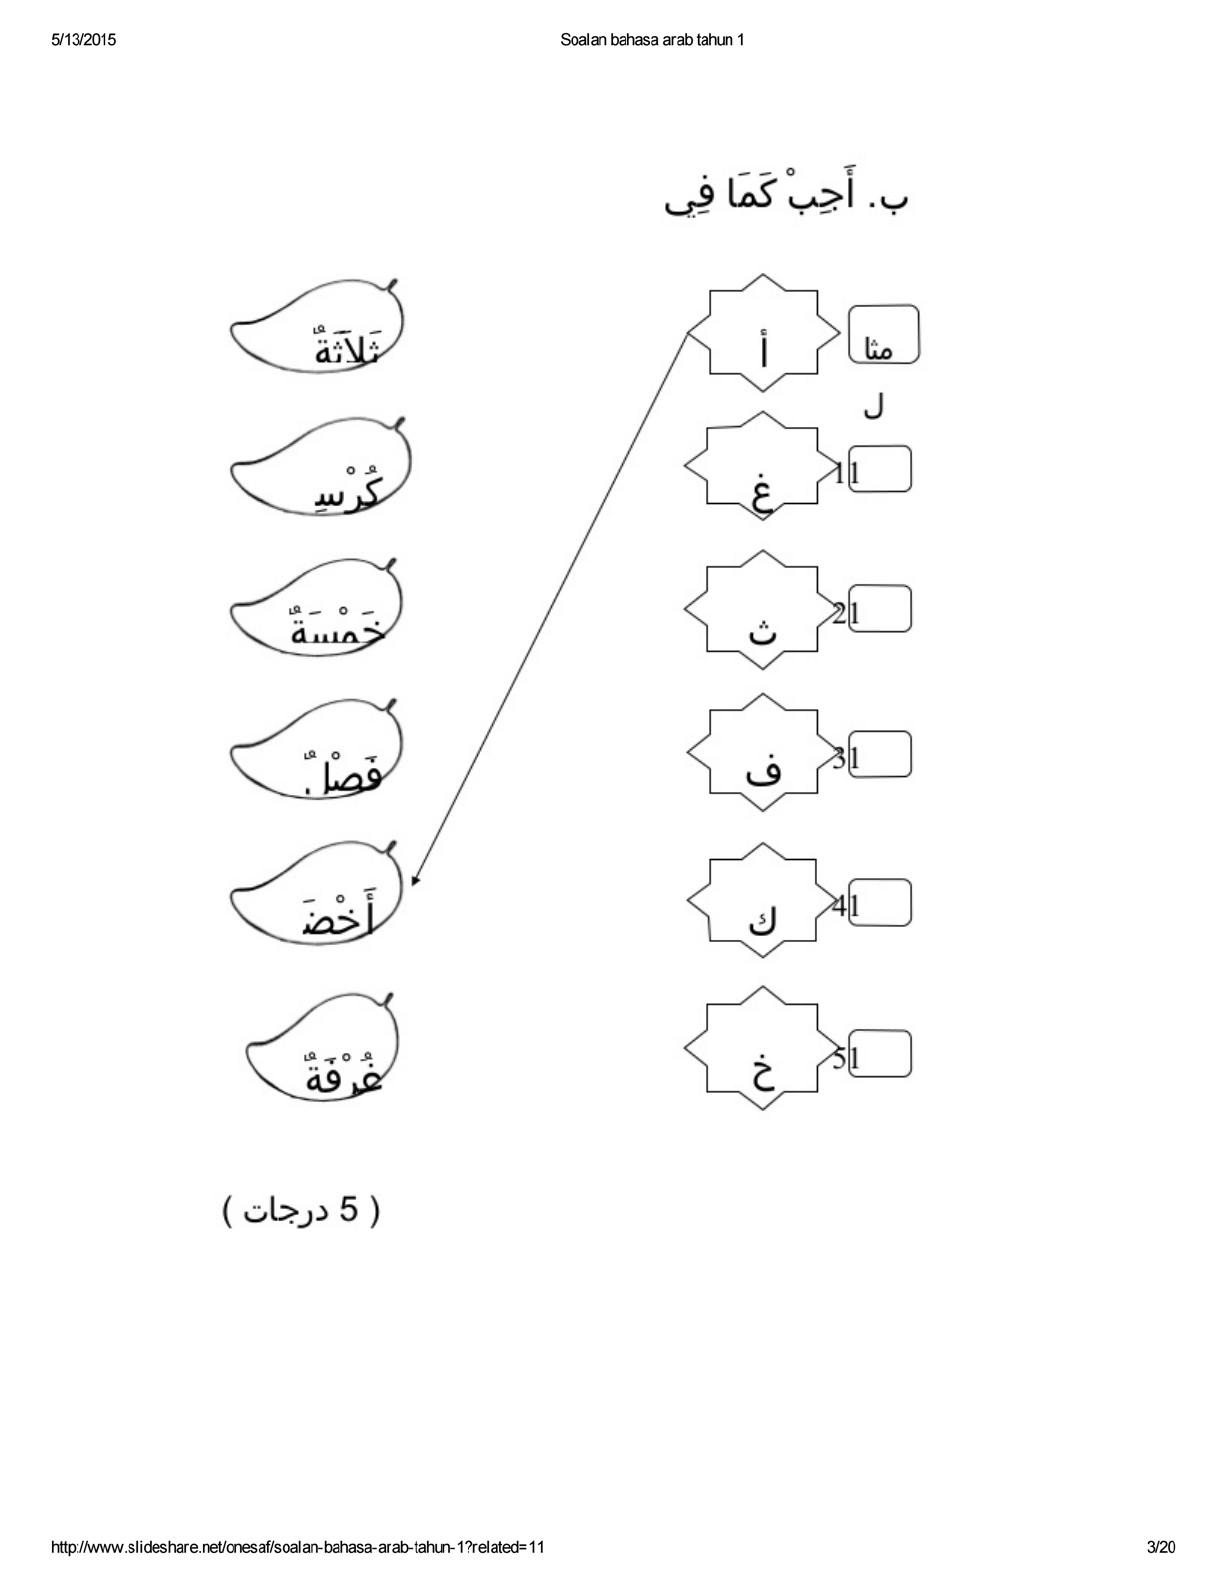 Rpt Bahasa Arab Tingkatan 1 Baik Jom Download soalan Peperiksaan Akhir Tahun Bahasa Arab Tingkatan 1 Of Muat Turun Rpt Bahasa Arab Tingkatan 1 Yang Terhebat Khas Untuk Ibubapa Cetakkan!